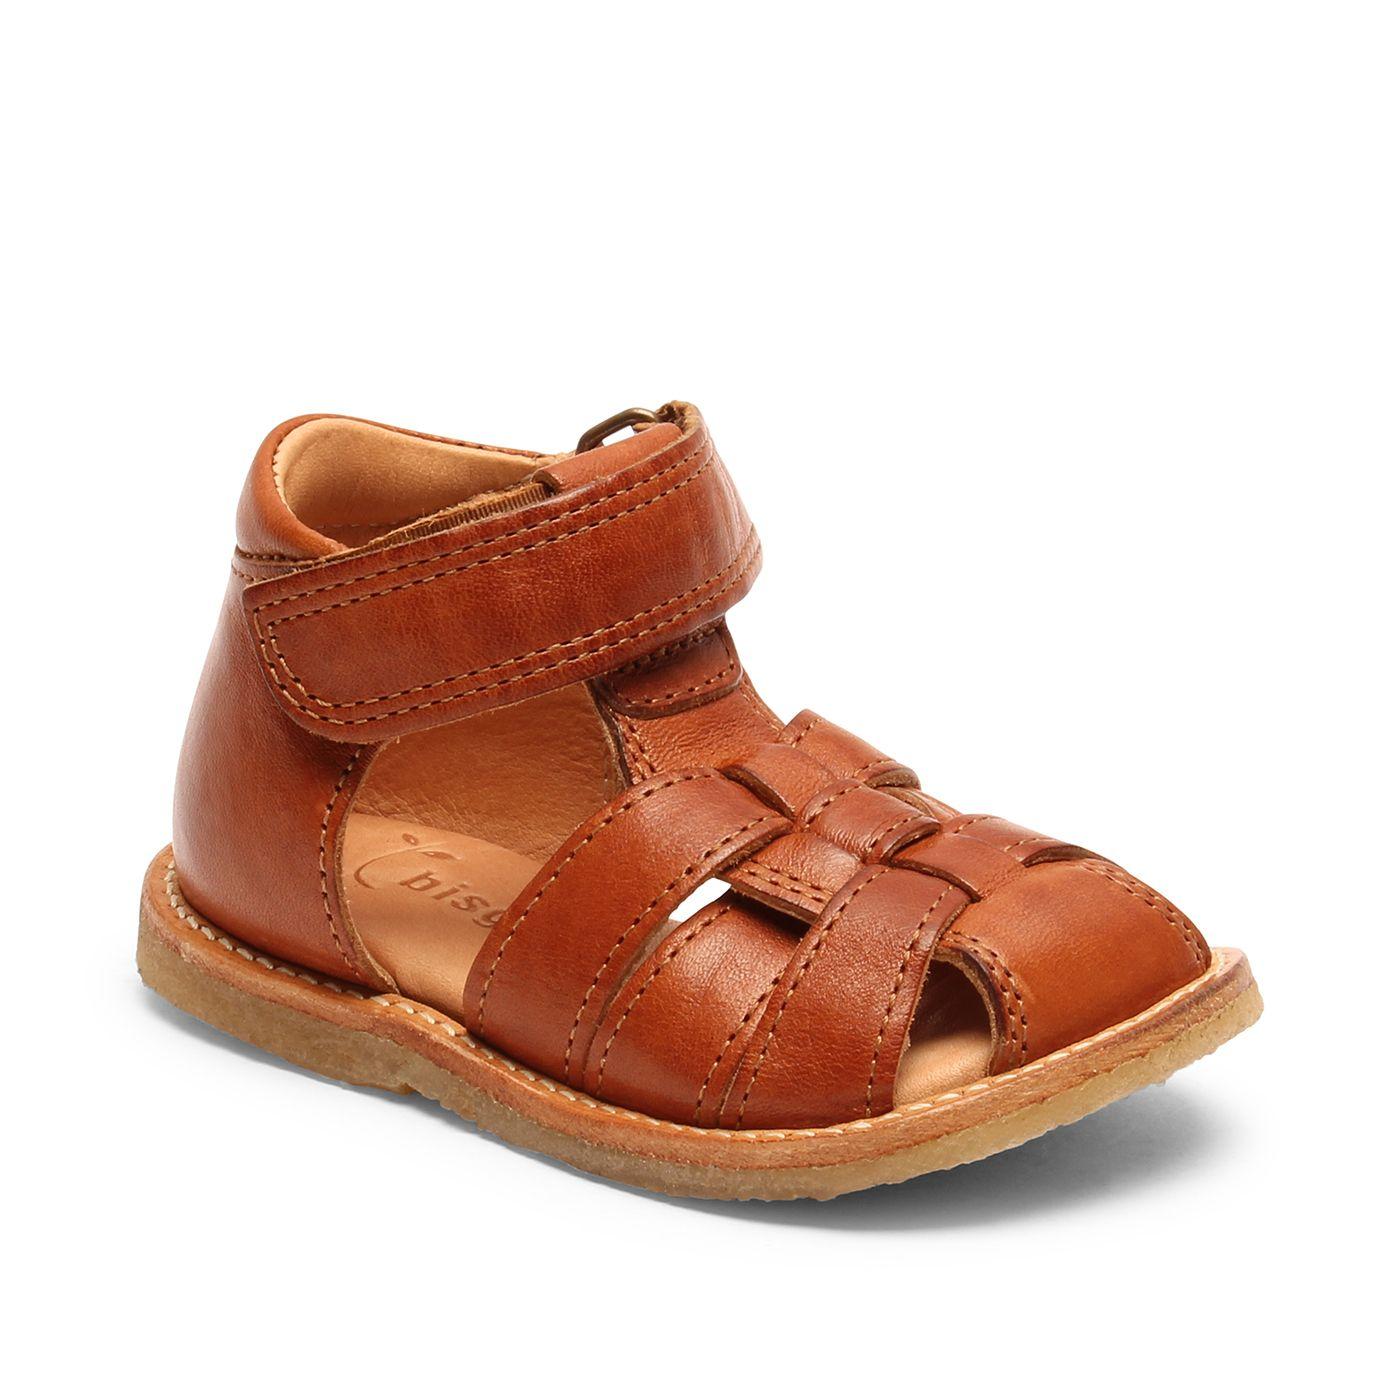 Bisgaard Birke sandal